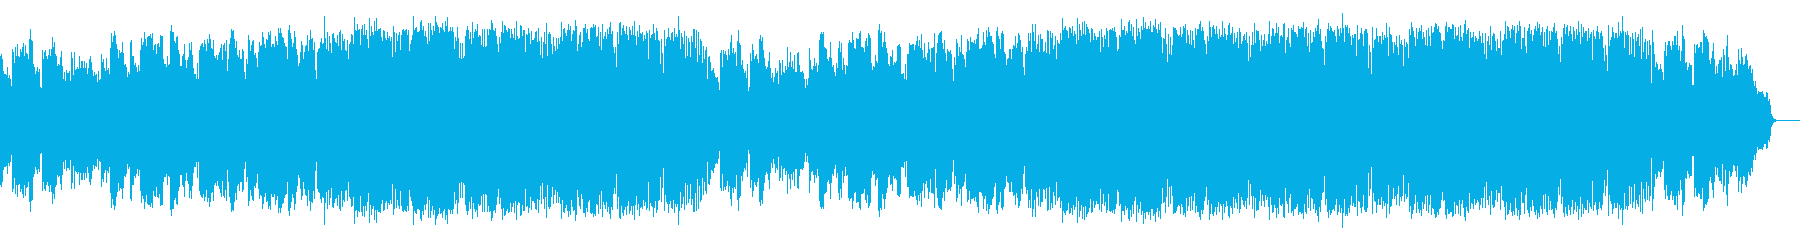 サックスが奏でる三連符のバラードの再生済みの波形